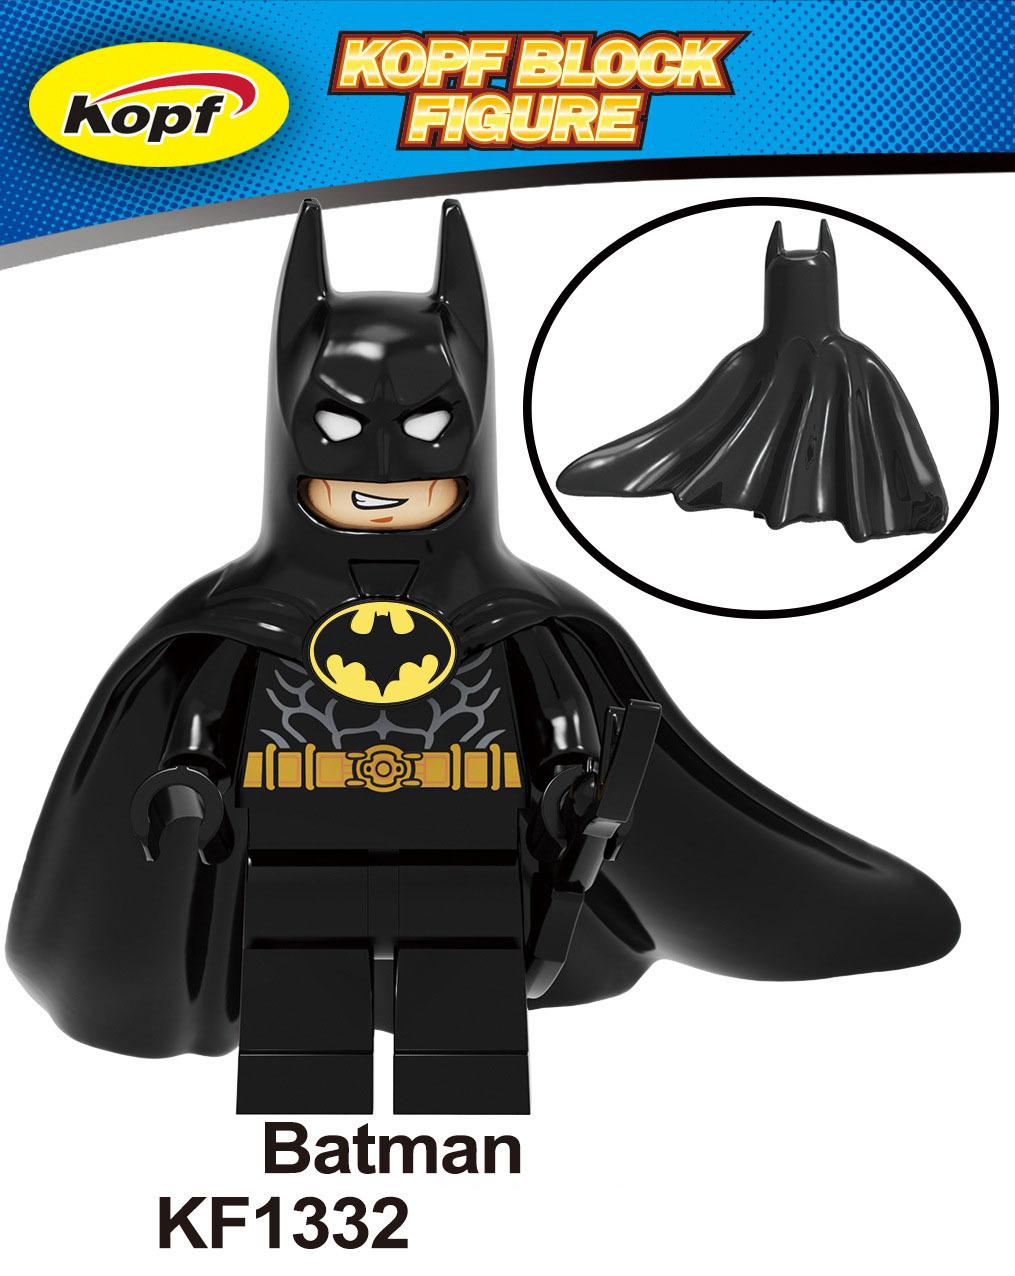 Kopf Superhero Series - KF1332 Batman assembled minifigure